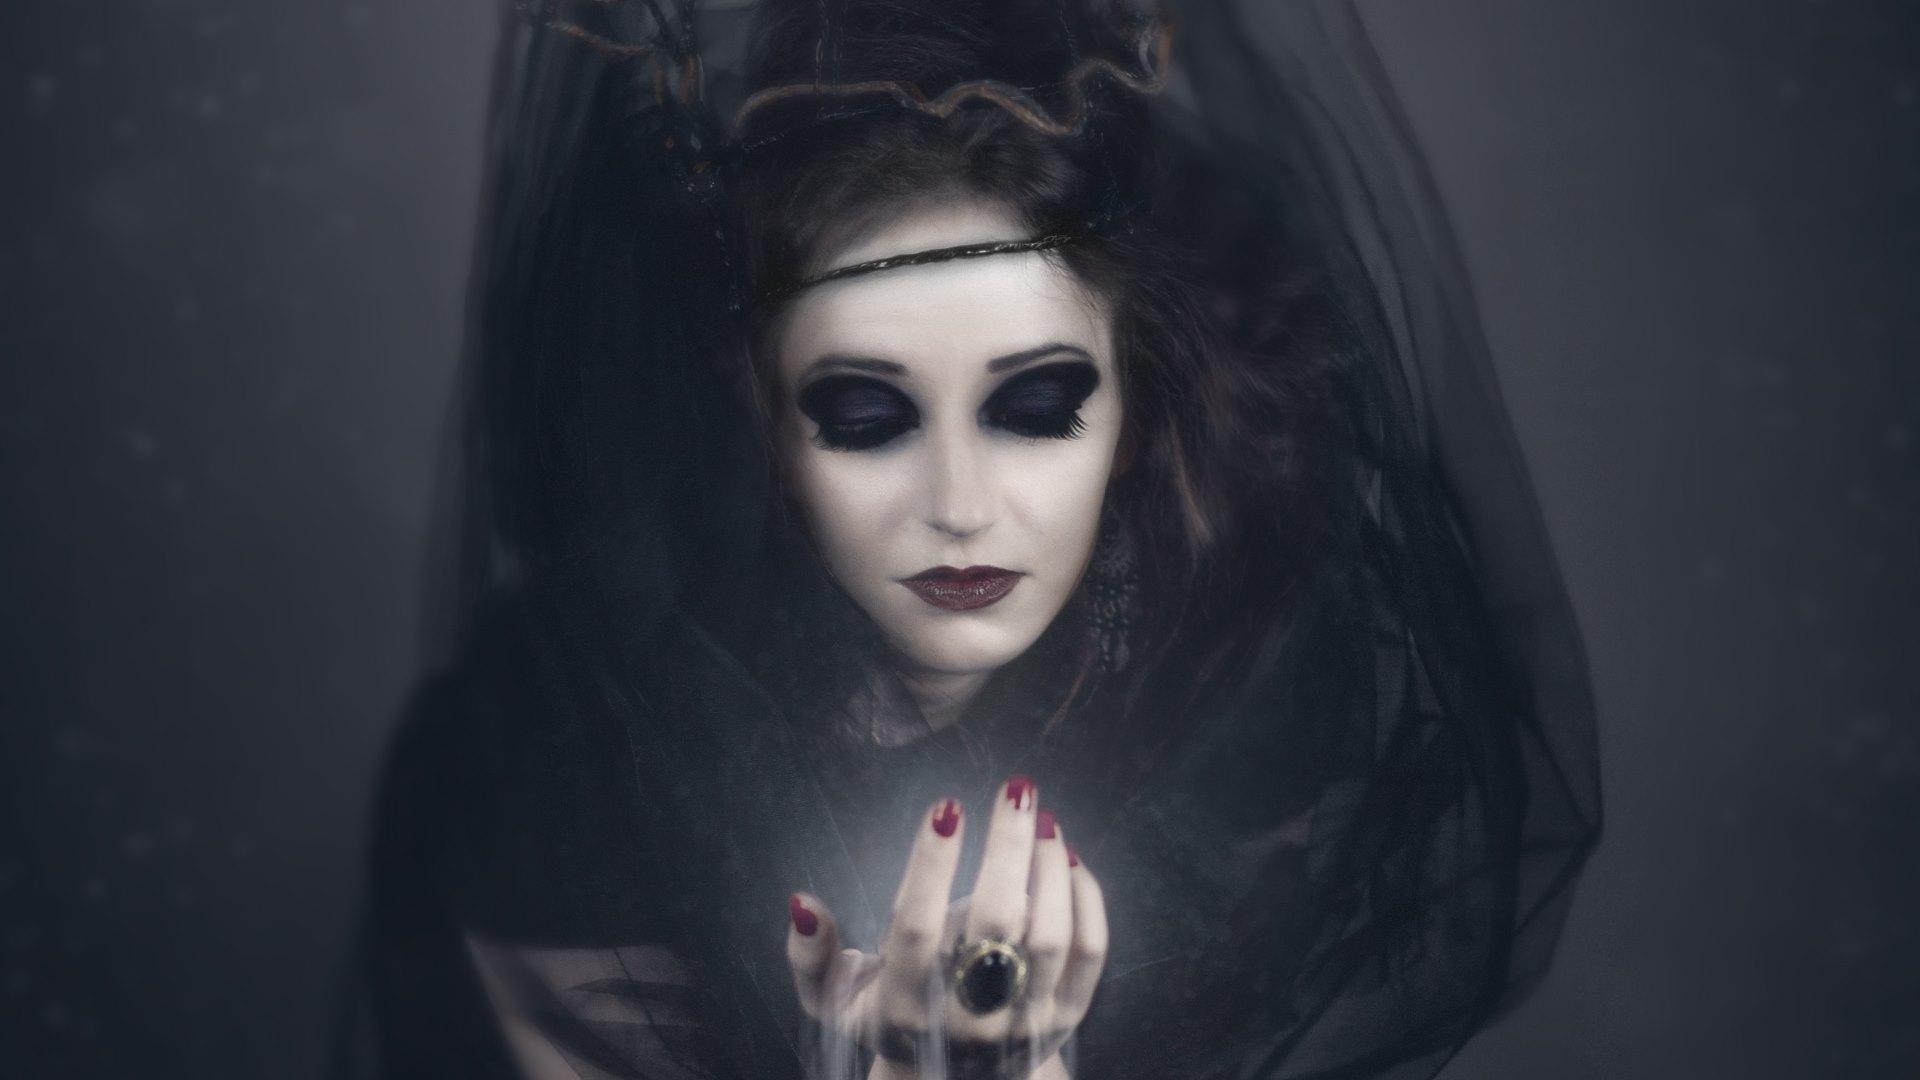 Witch. Vampire. Girl Halloween Costumes Wallpapers · 4K HD Desktop ...